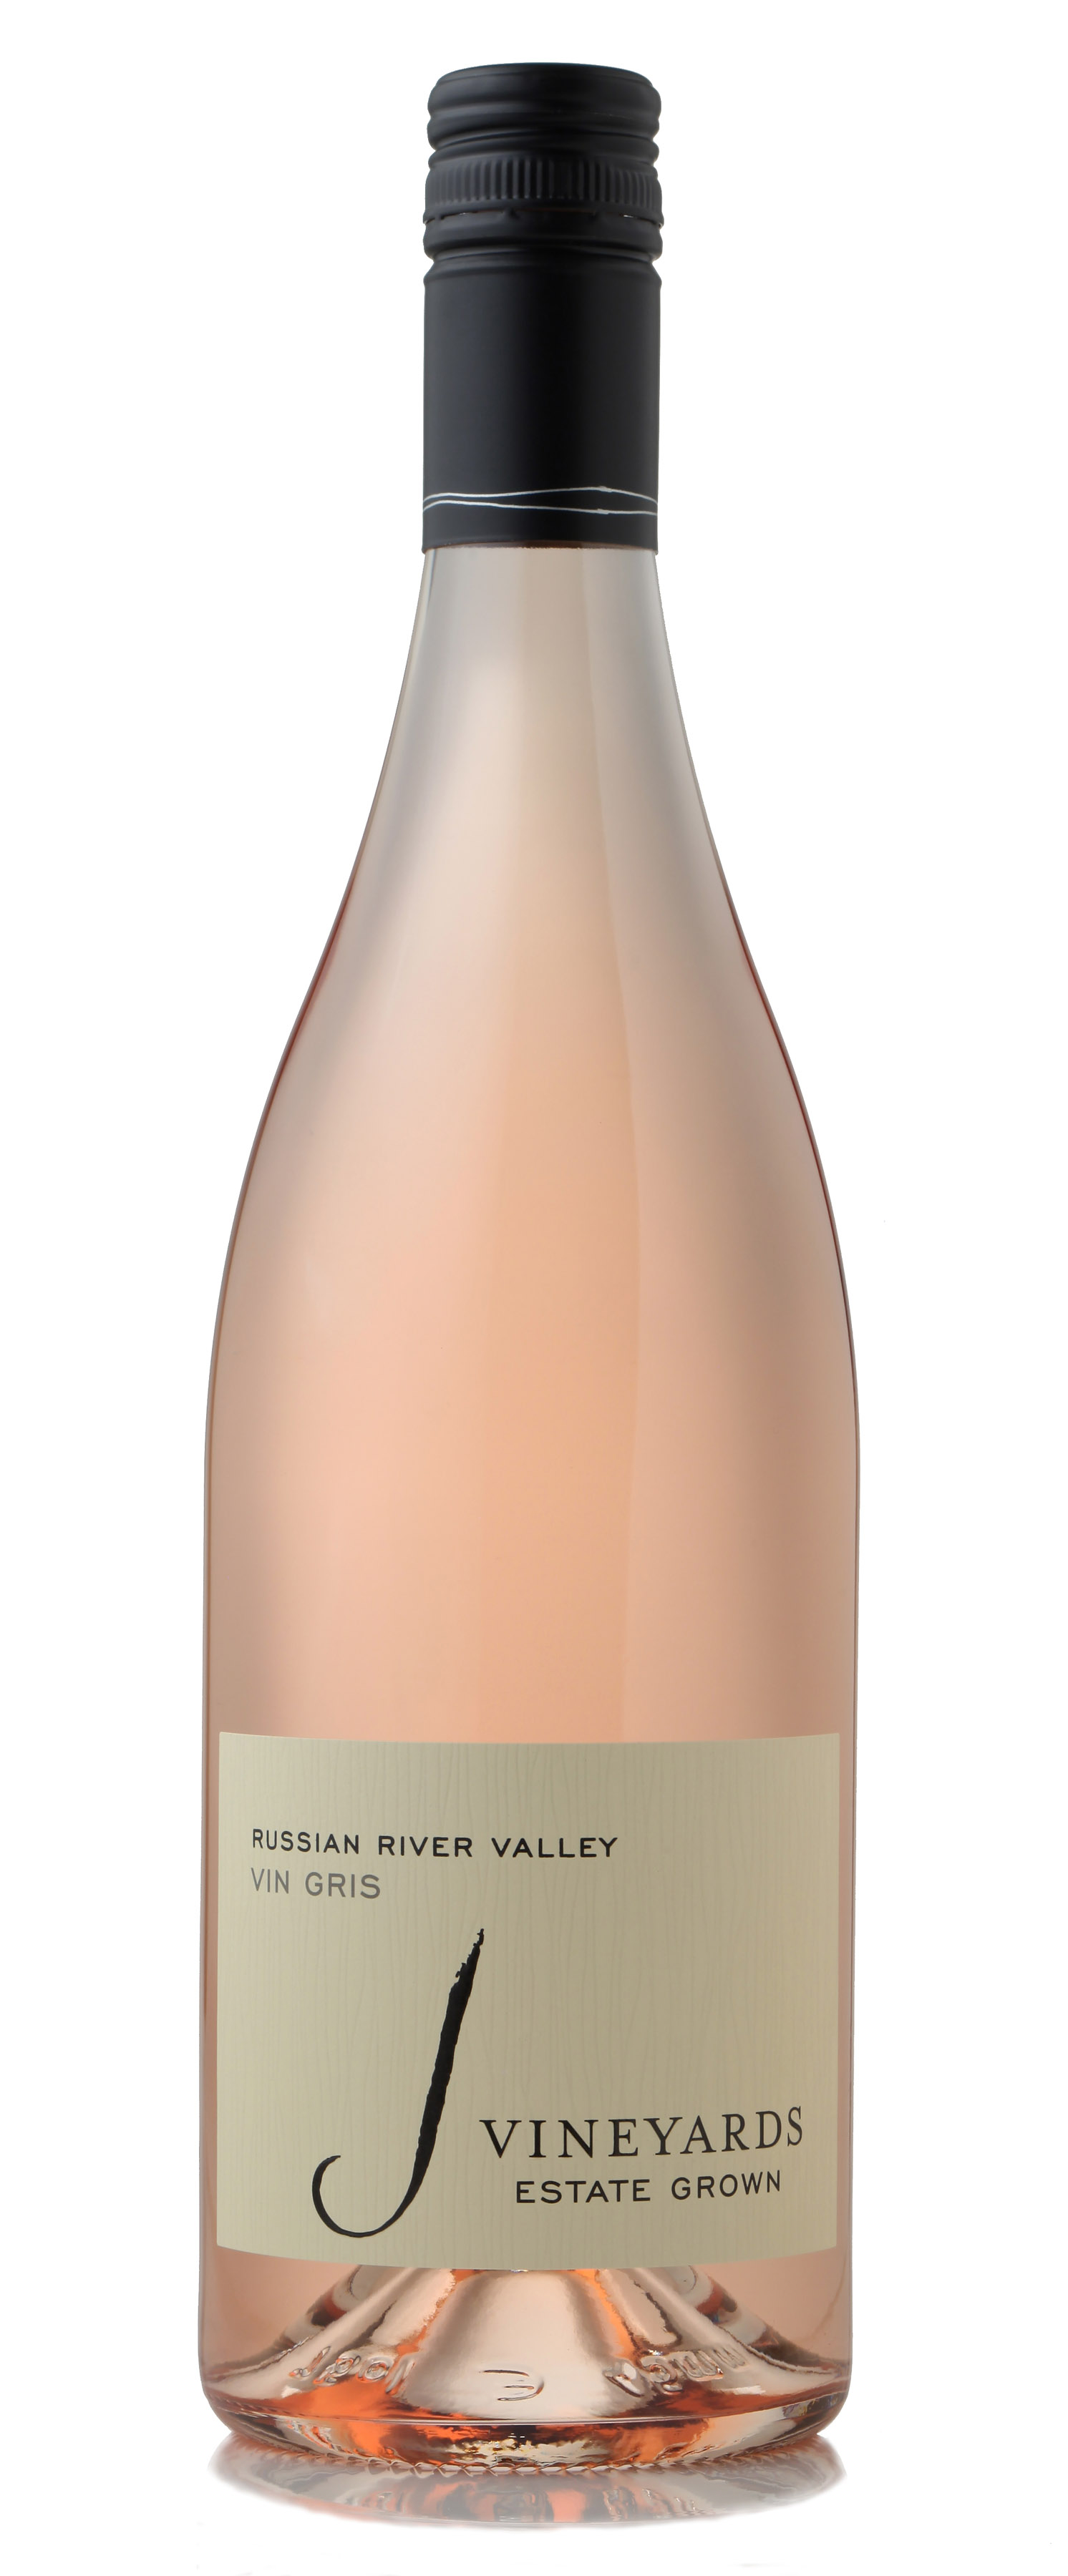 J-Vineyards-RRV-Vin-Gris-Bottle-Image